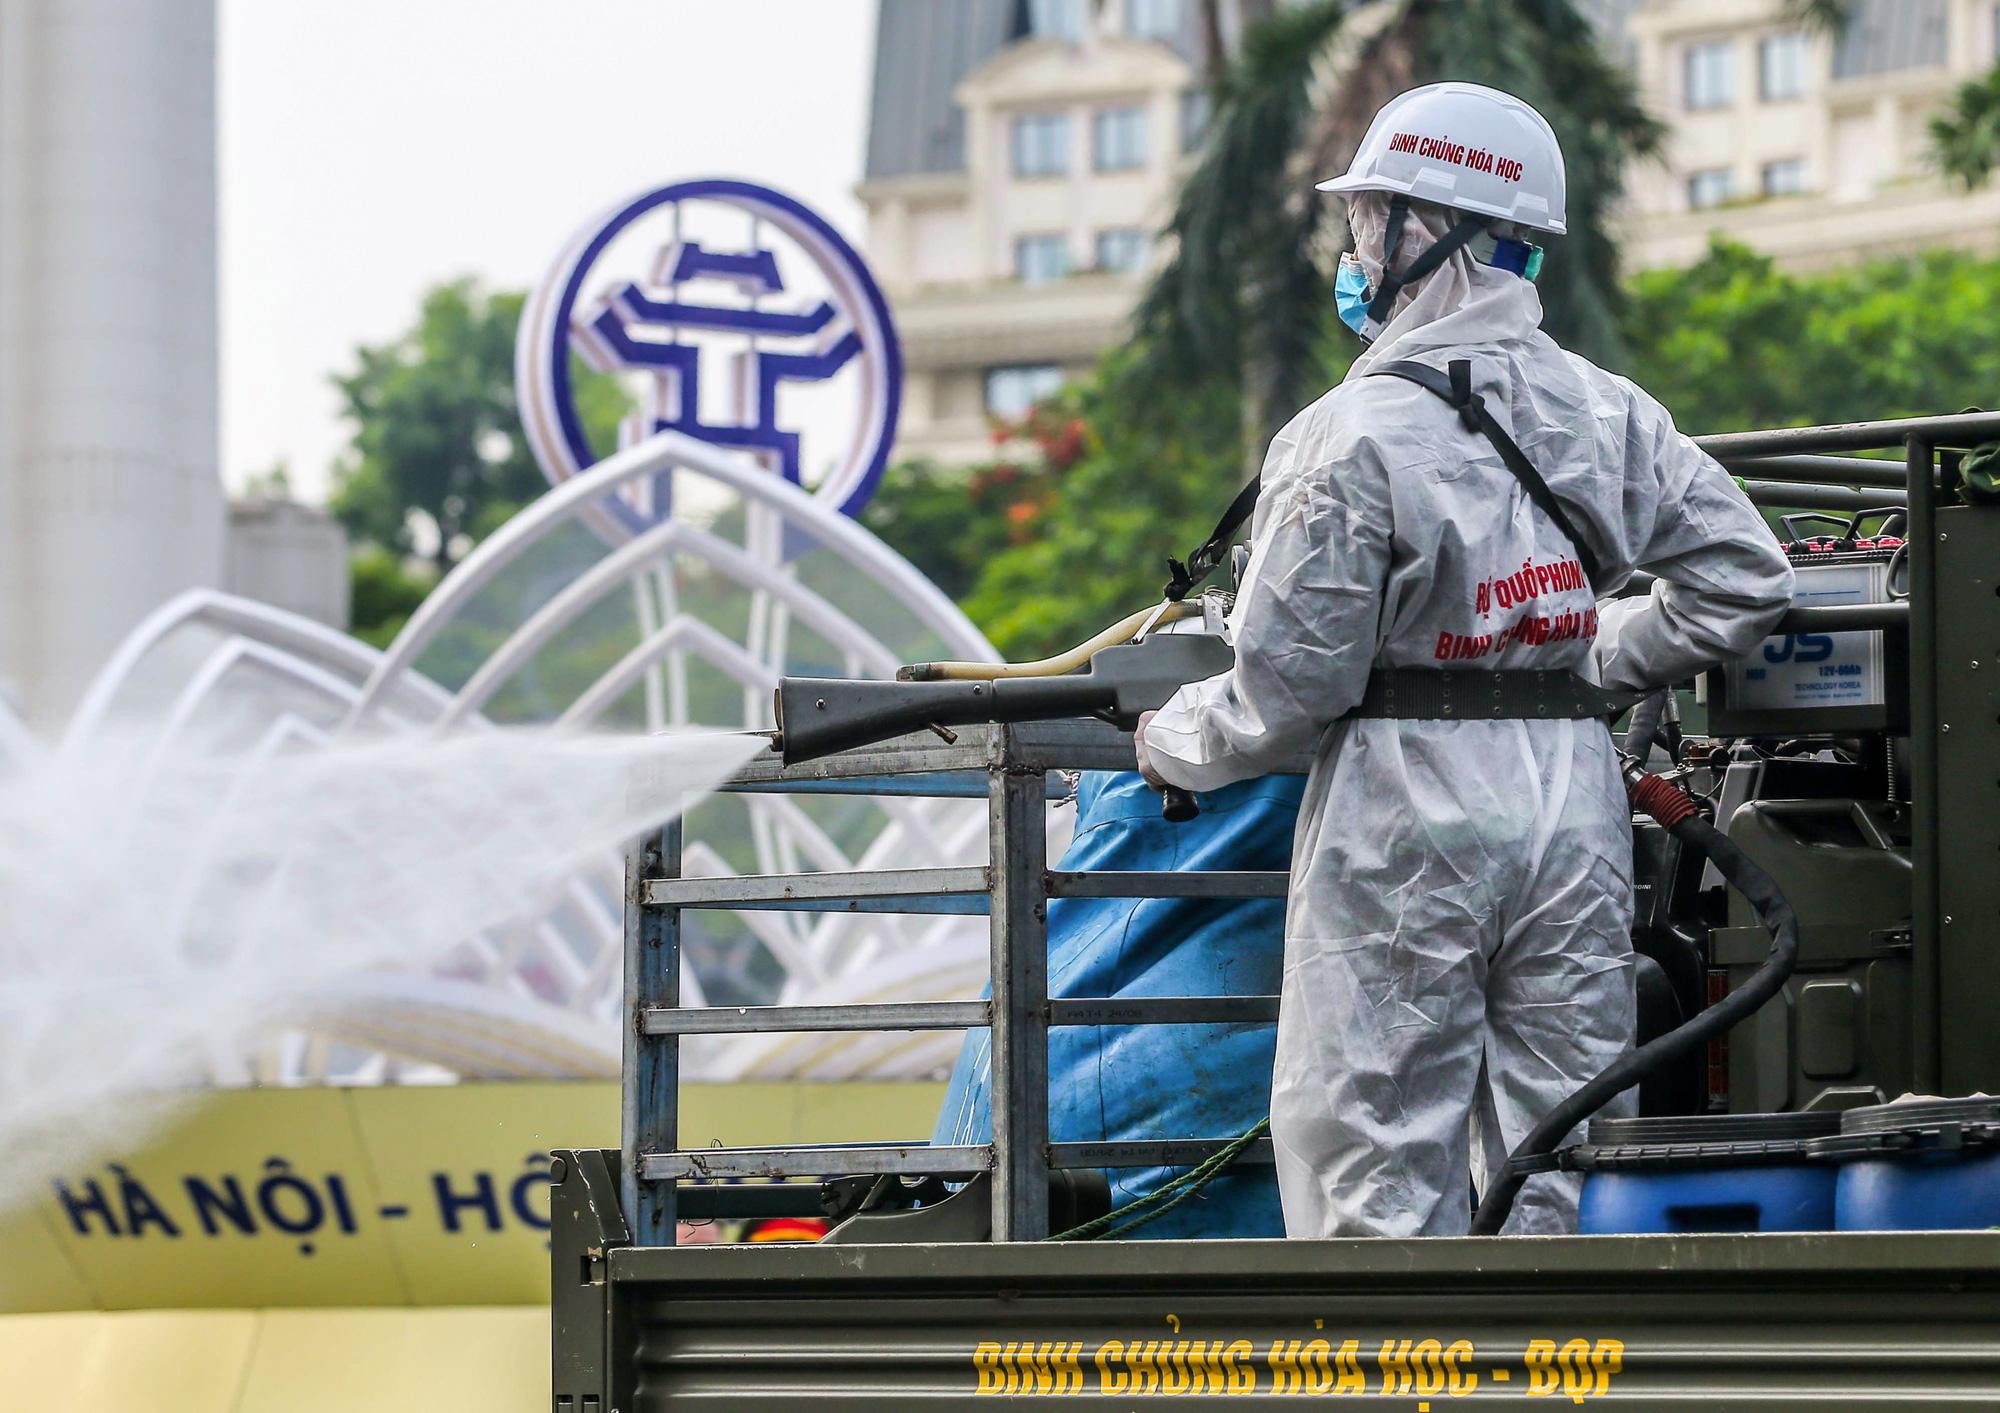 15 xe đặc chủng ra quân phun khử khuẩn ở thành phố Hà Nội - Ảnh 9.